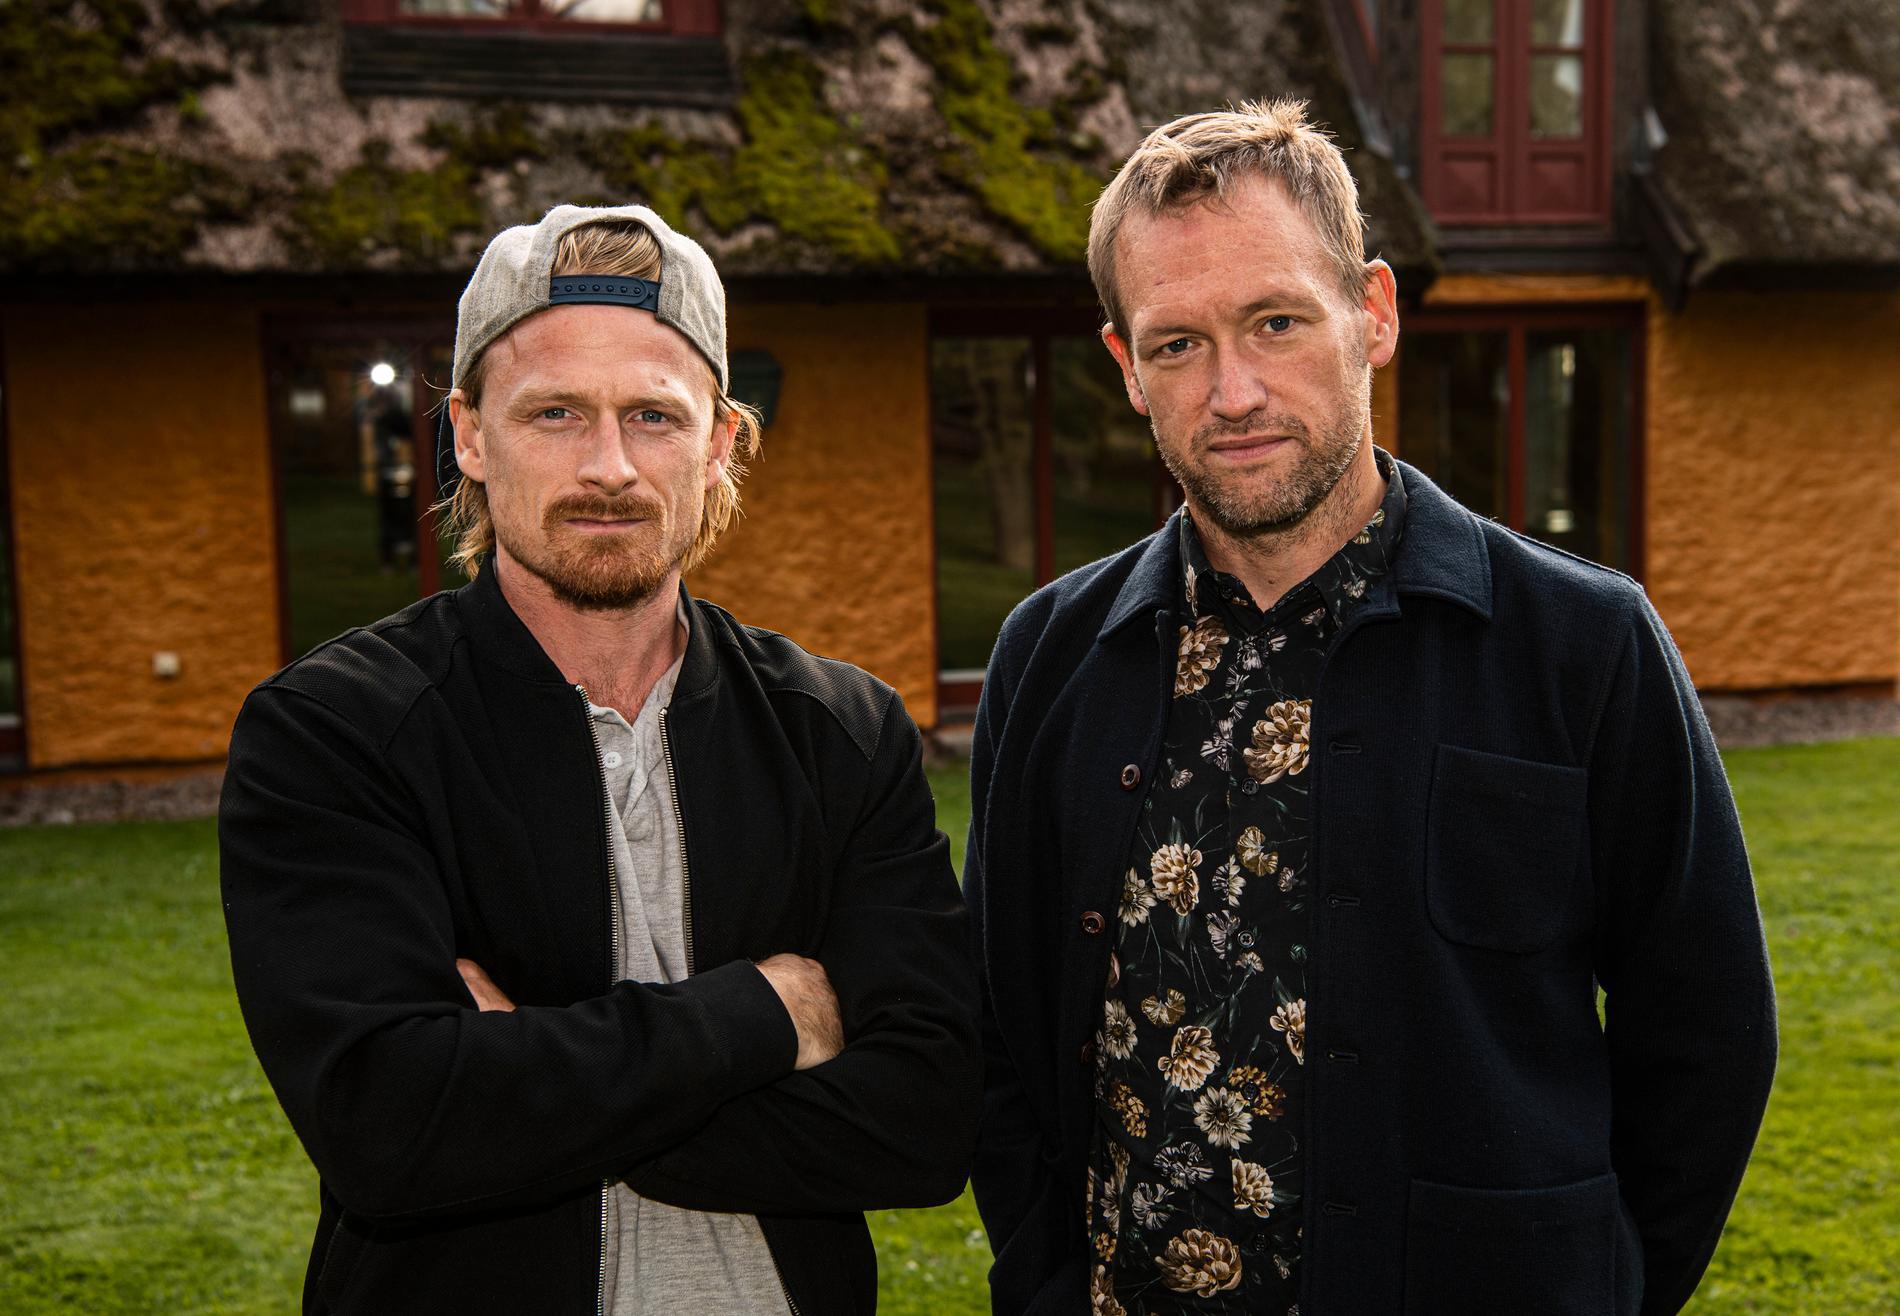 """Fotograf Jimmy Wixtröm och reporter Torbjörn Ek, Aftonbladets team på plats i Båstad för """"Mästarnas mästare""""."""